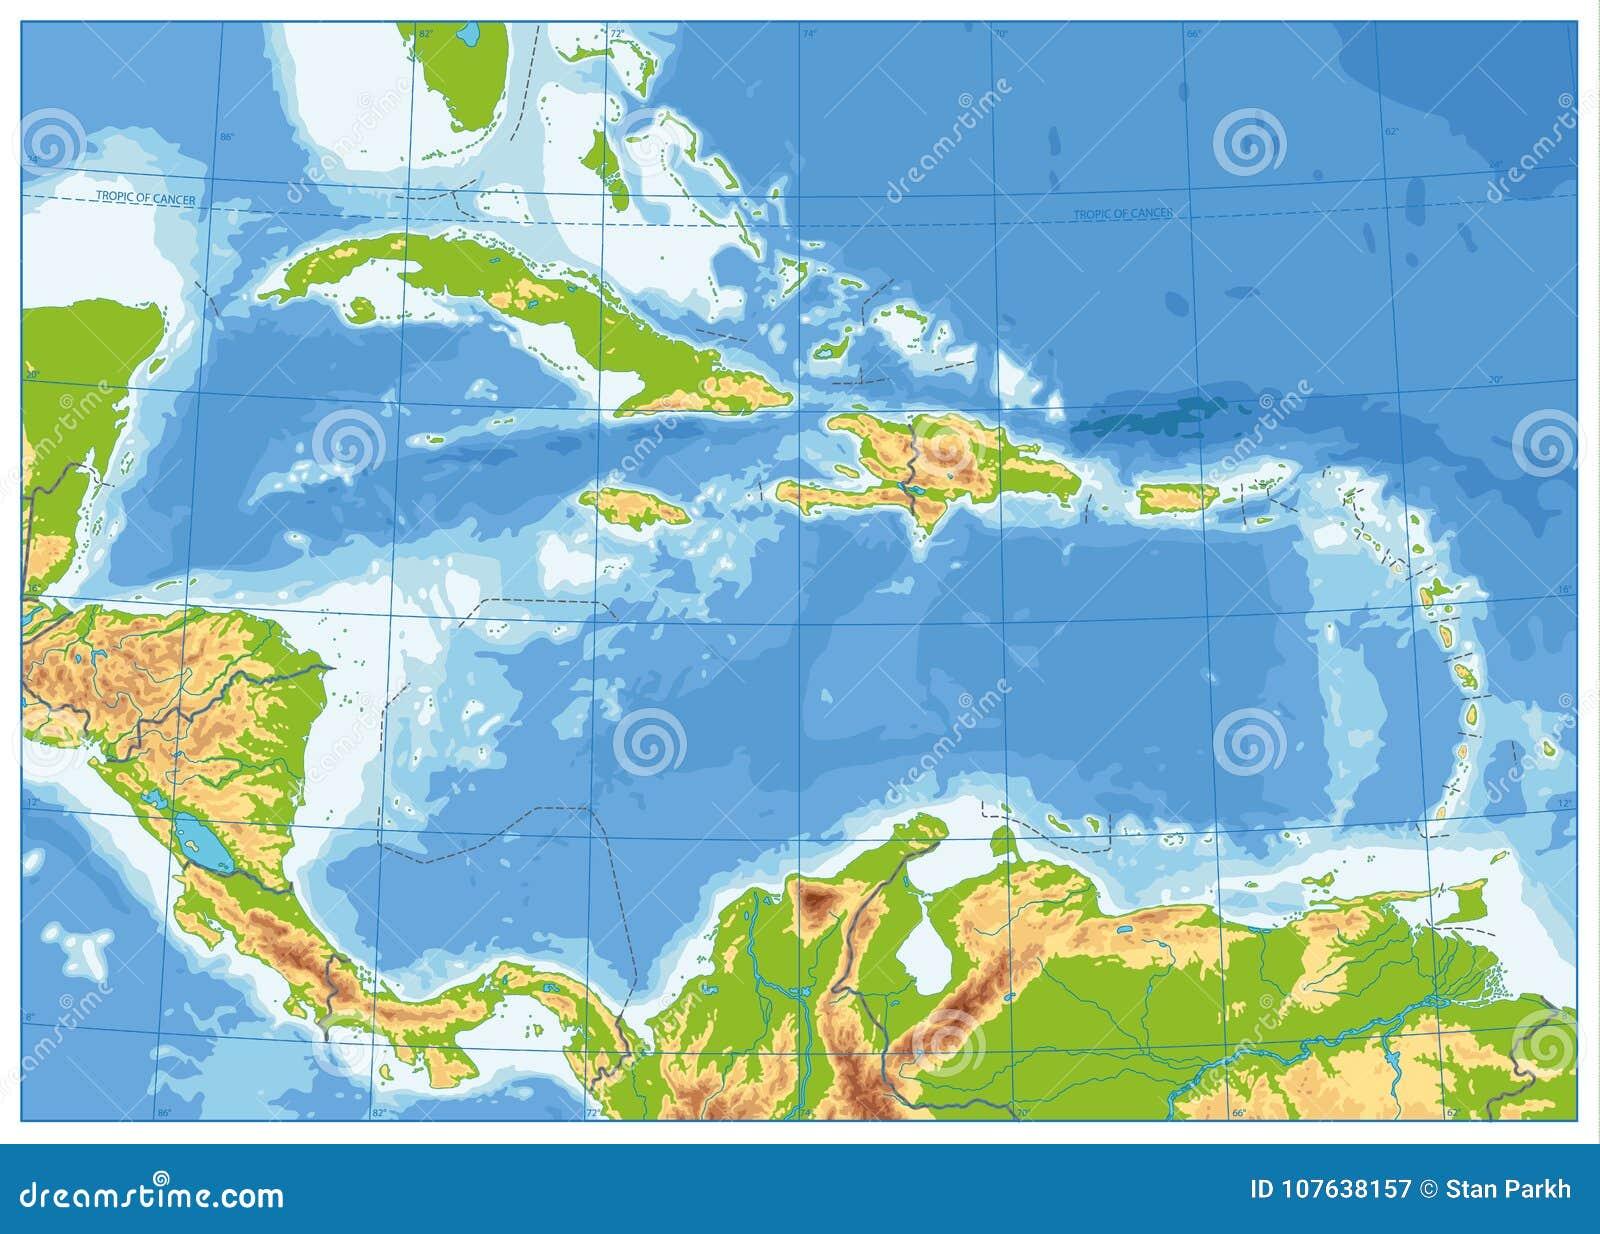 Ο καραϊβικός φυσικός χάρτης κανένα κείμενο